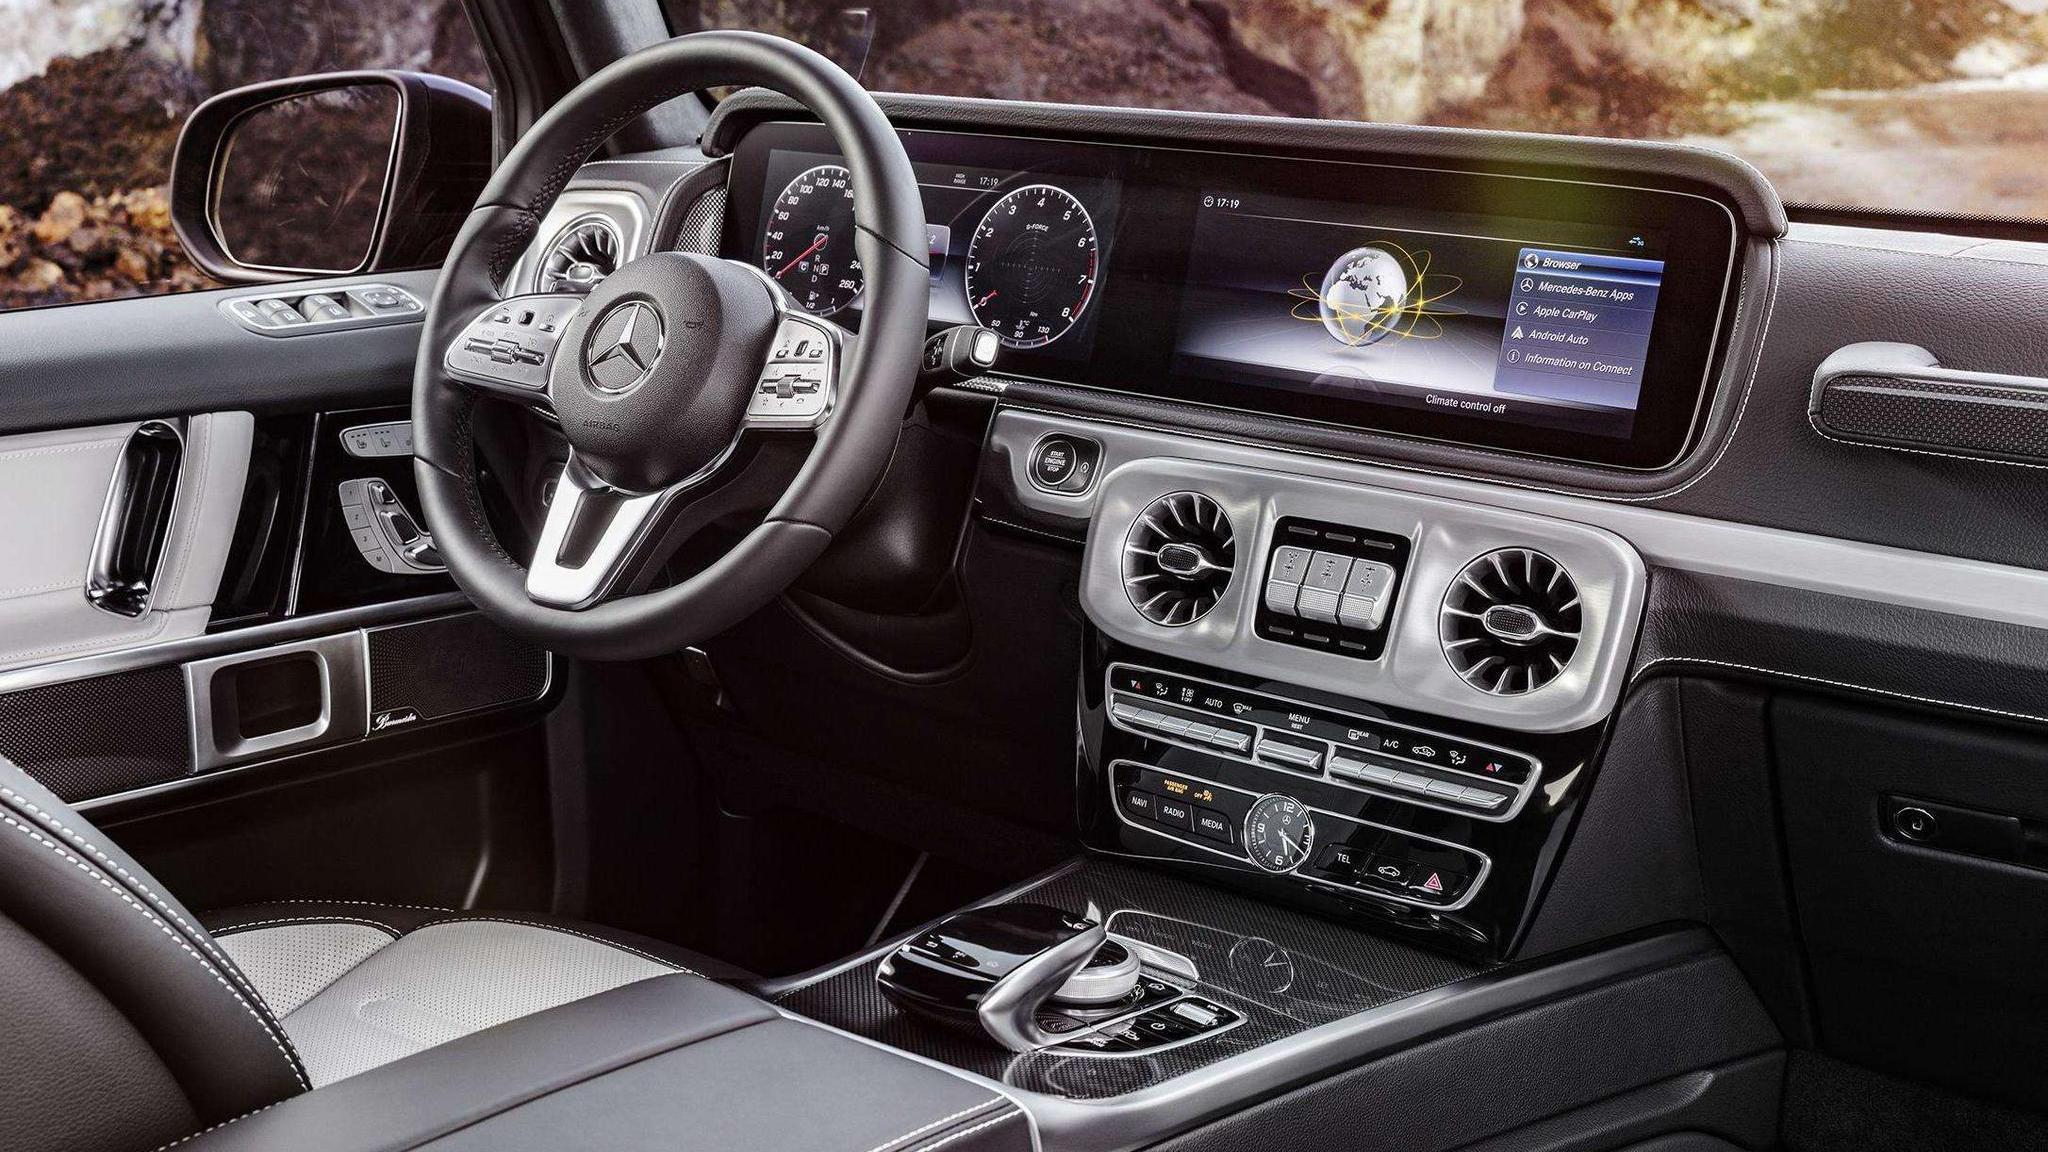 全新奔驰S级车门设计曝光!全触控按钮能3D touch,满满的黑科技